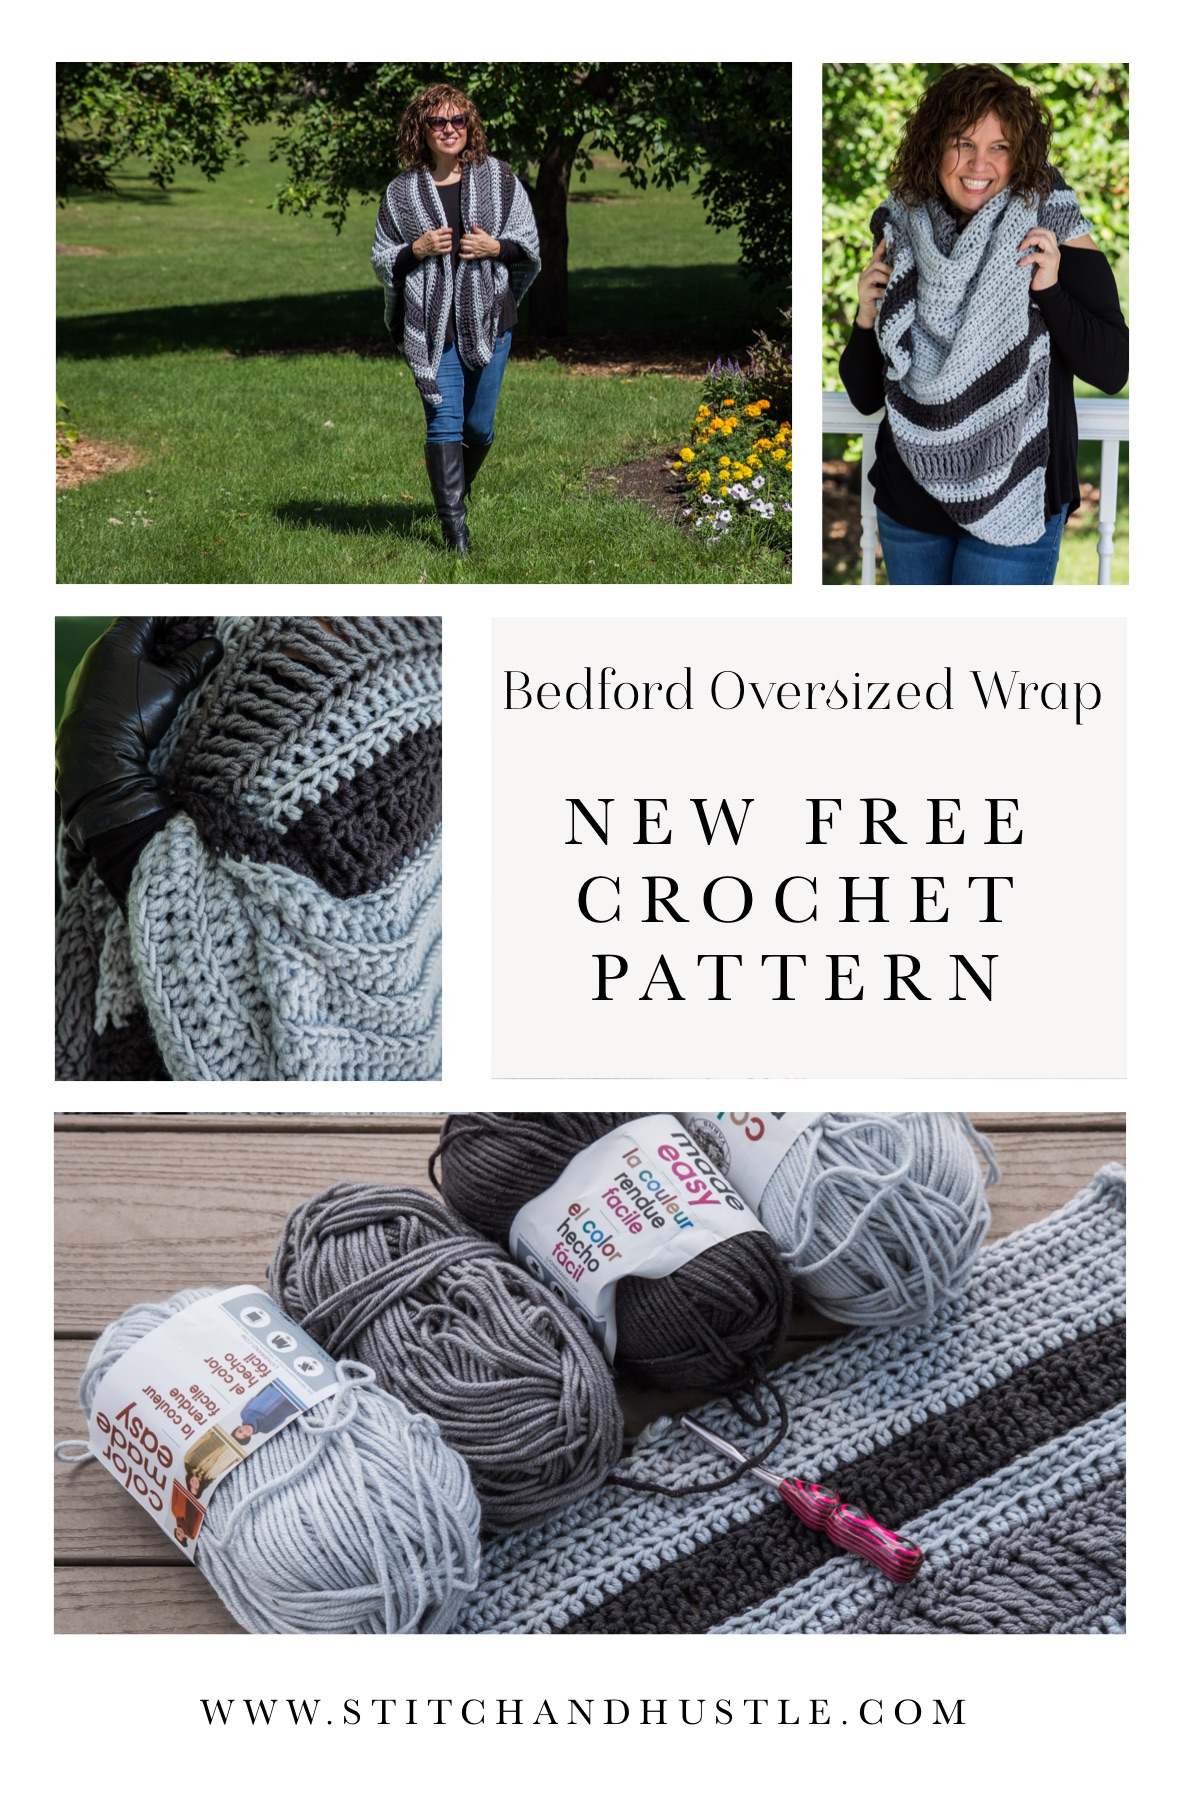 Bedford_Oversized_Crochet_Wrap_Free_Pattern_2.jpg